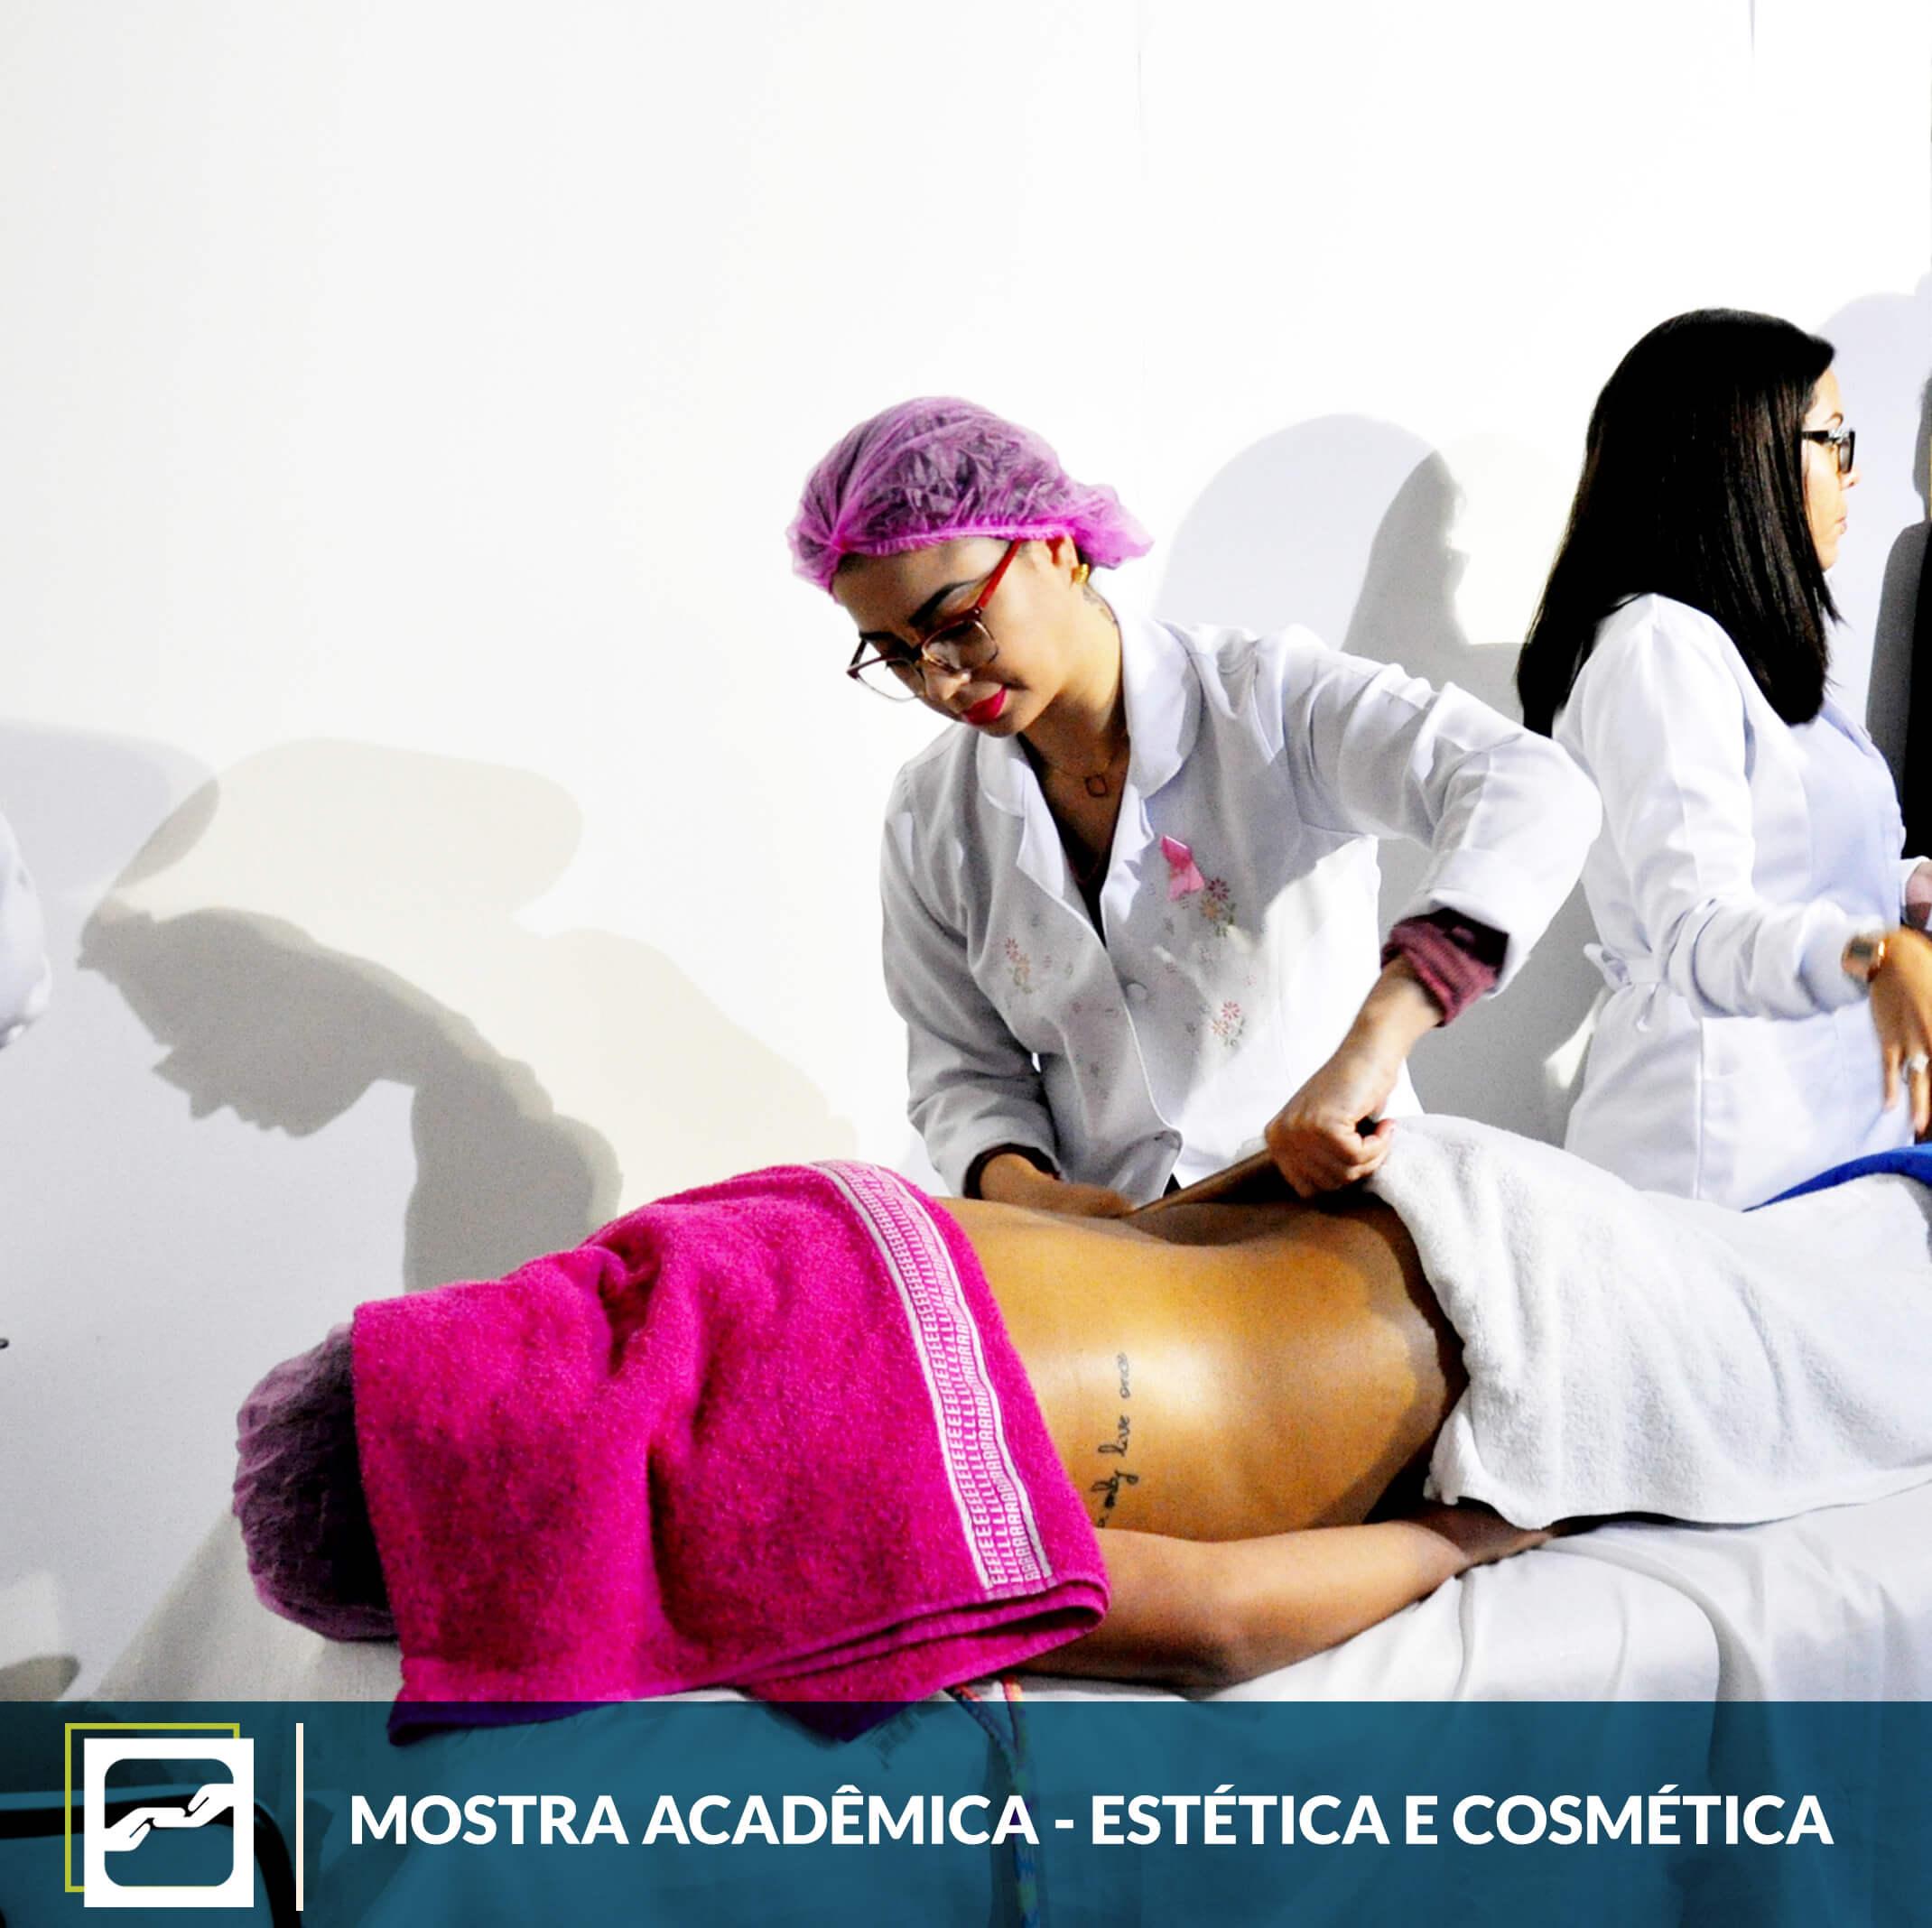 mostra-academia-estetica-cosmetica-famesp-44